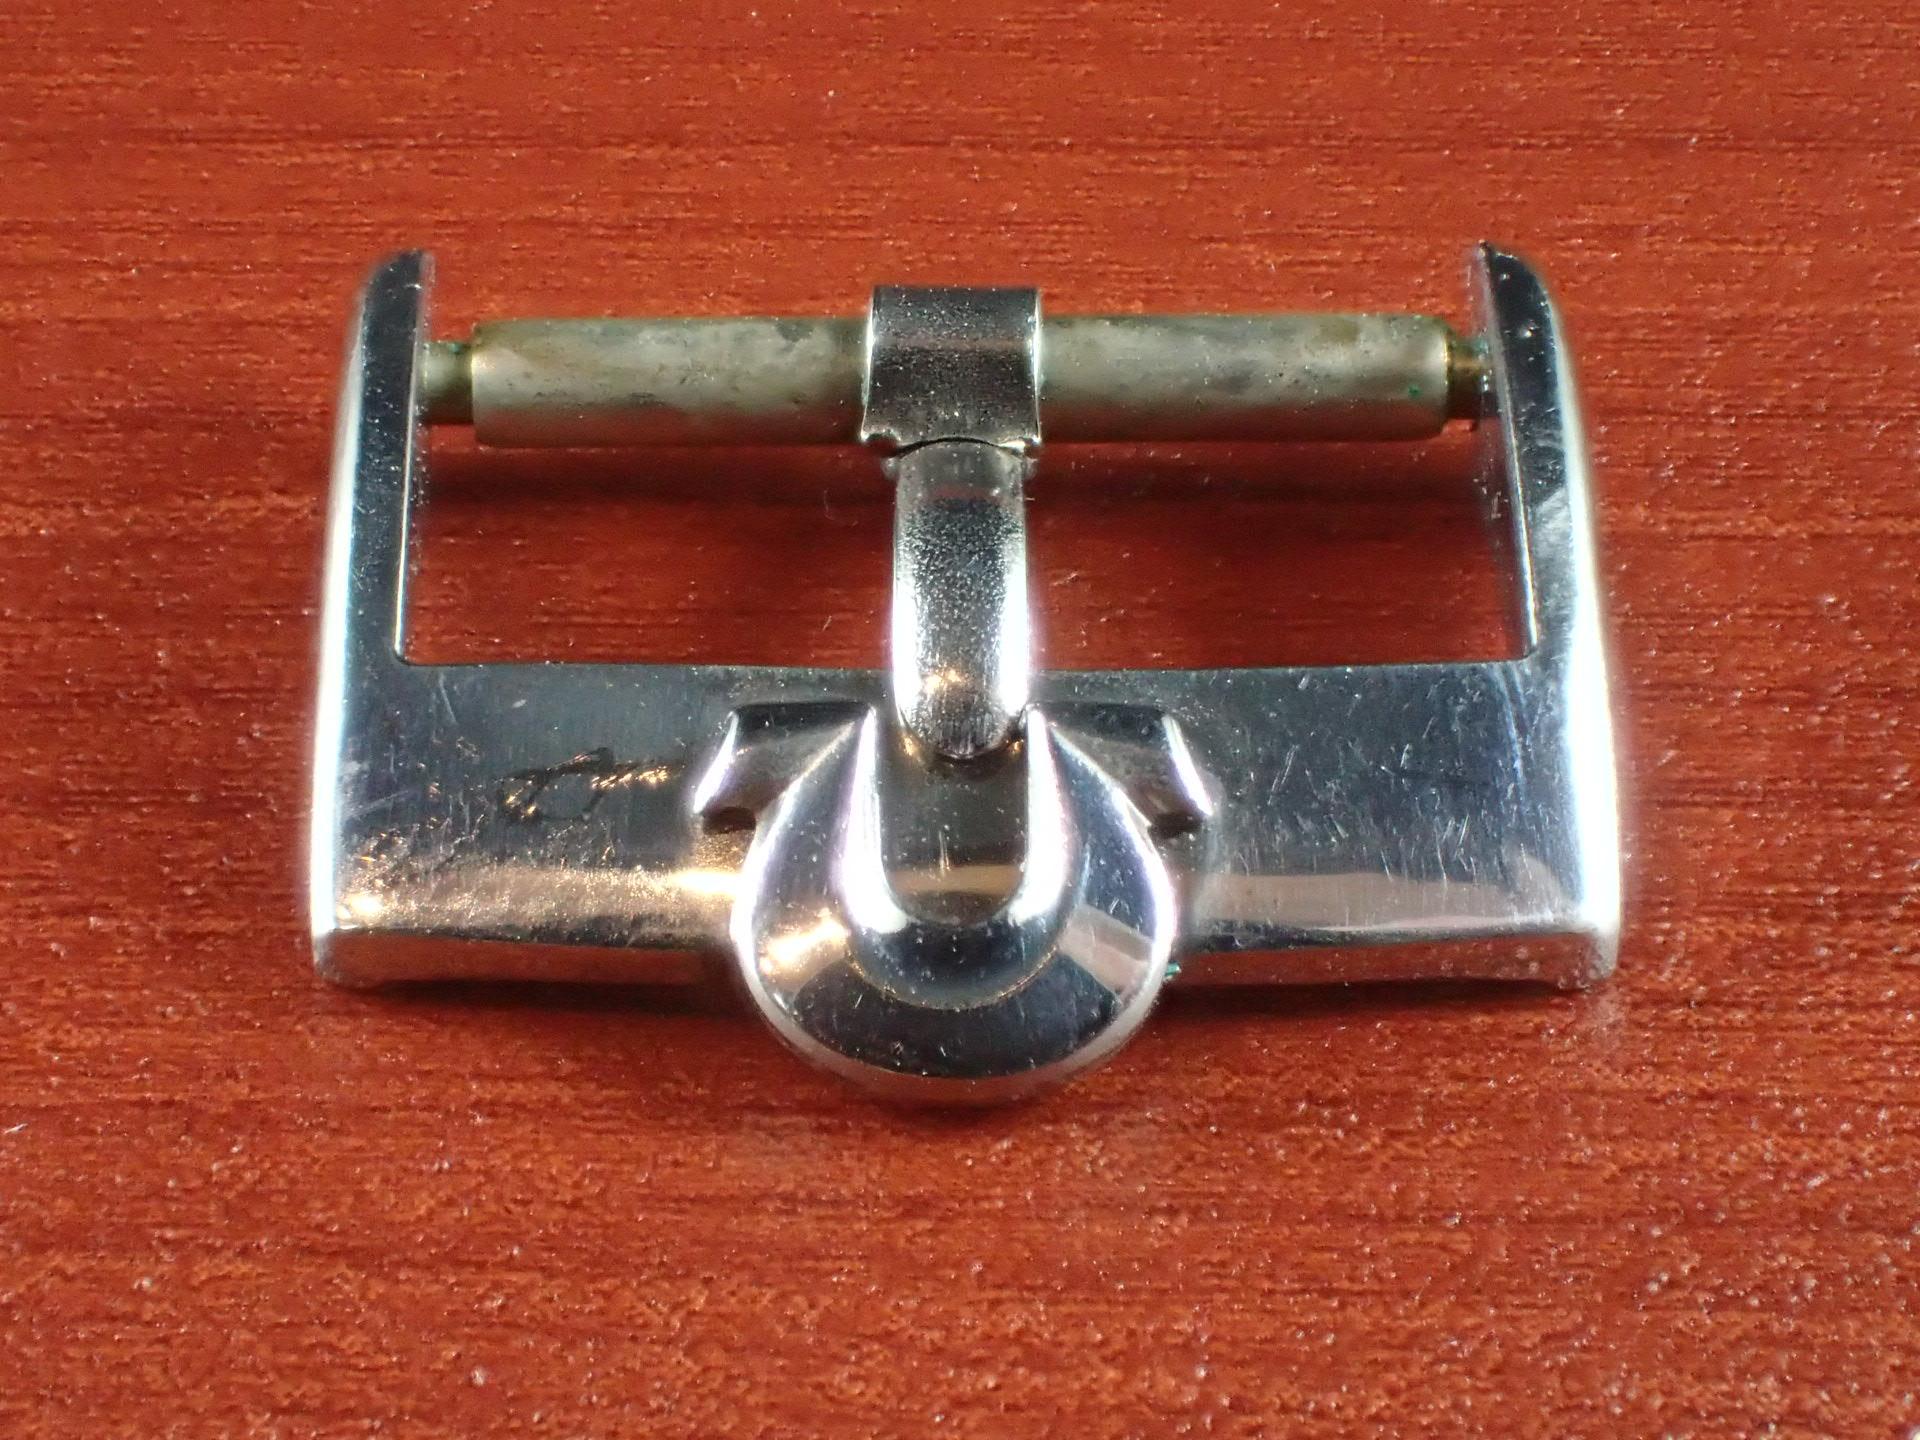 オメガ ヴィンテージ尾錠 SS 1960年代の写真6枚目